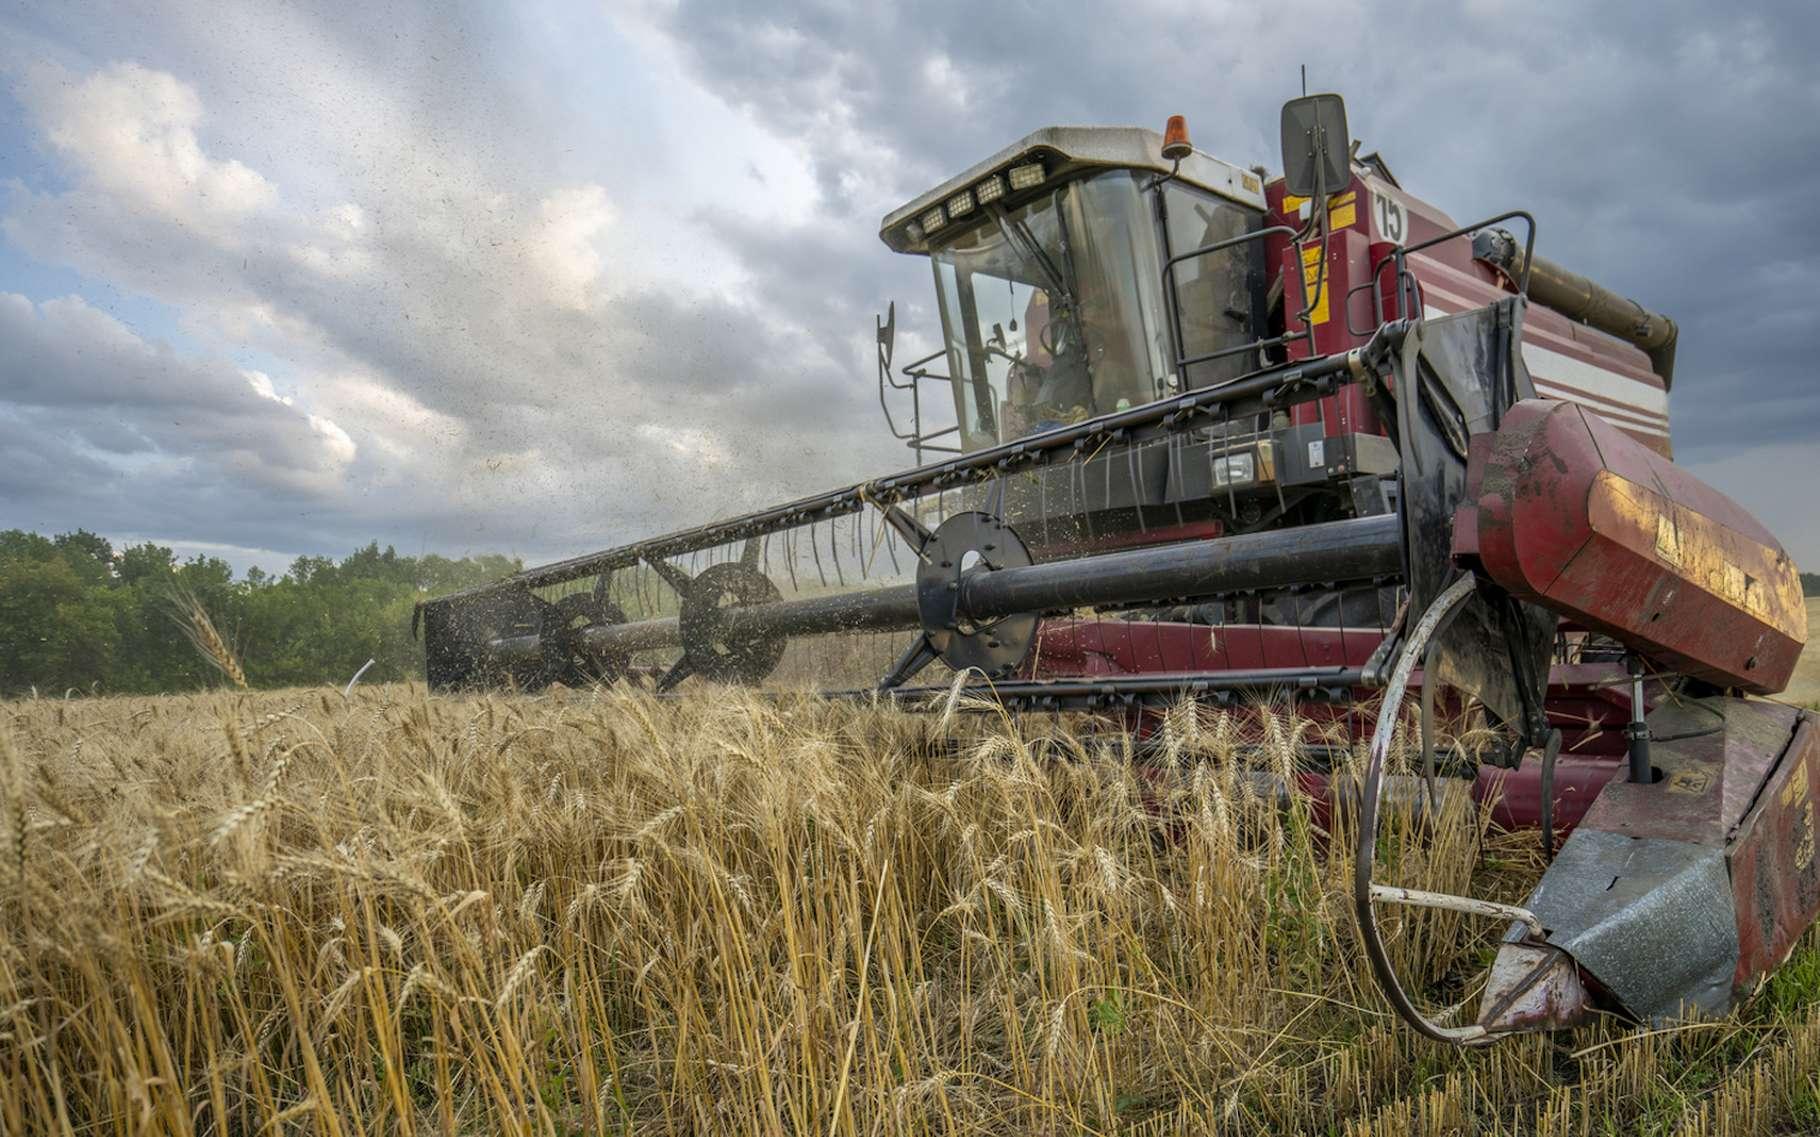 La part des émissions de gaz à effet de serre des terres émergées est importante. Mais ces dernières contribuent aussi à stocker une partie du carbone atmosphérique. © Игорь Кляхин, Fotolia